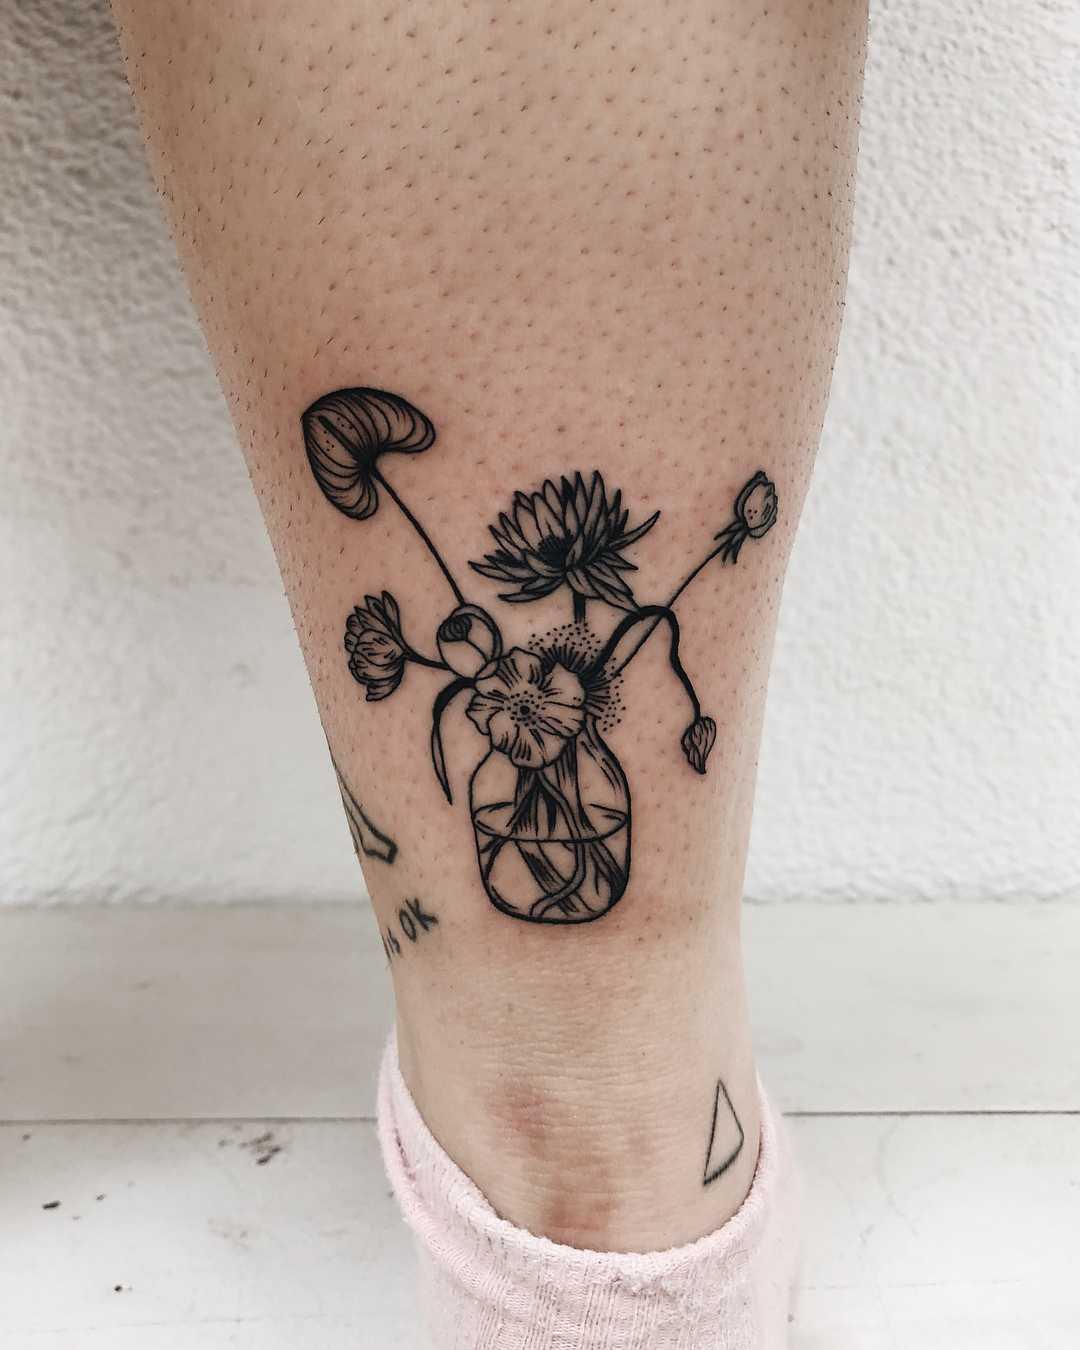 Flowers in a jug tattoo